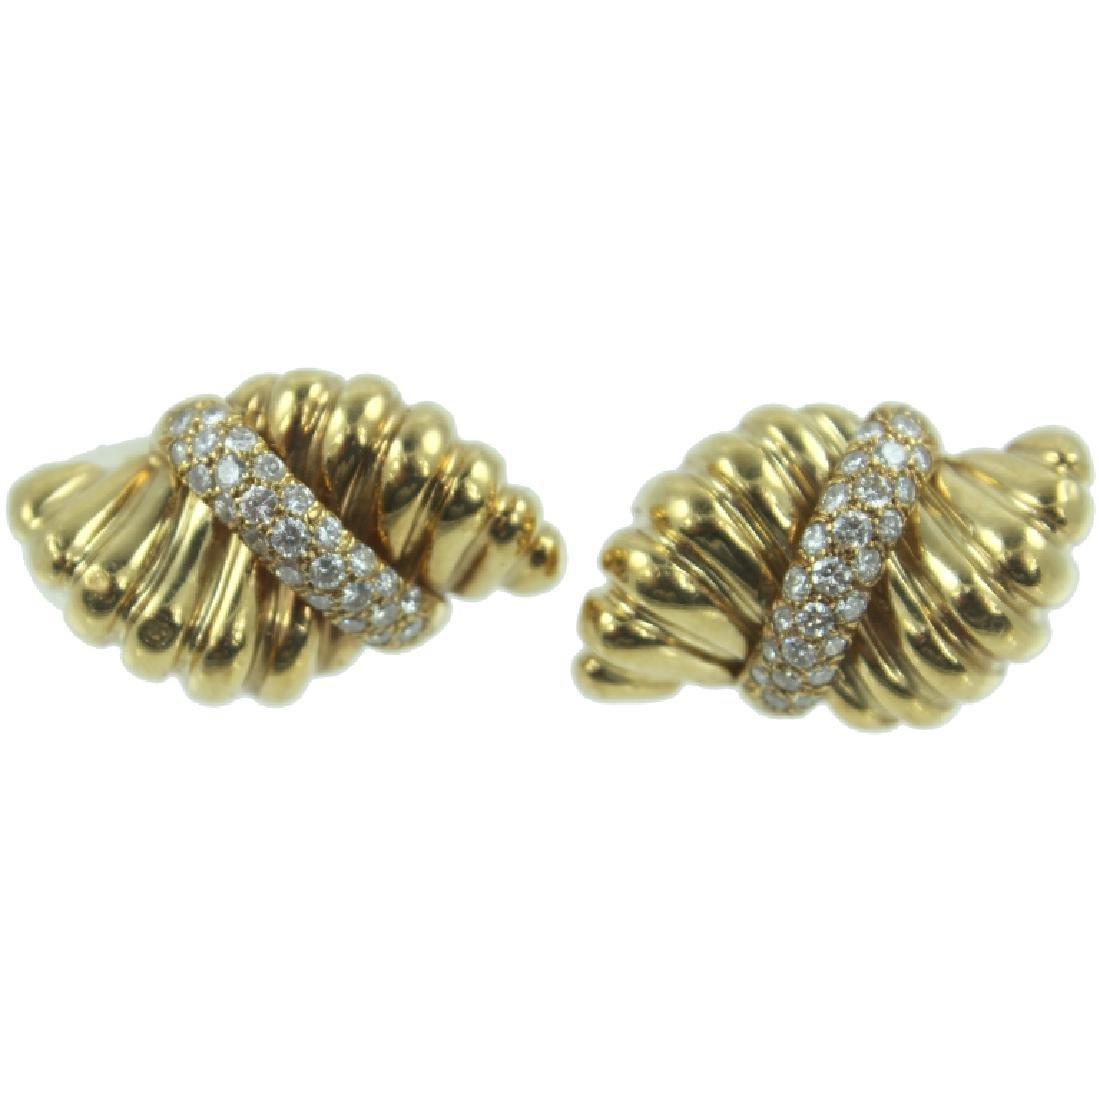 18K DIAMOND DESIGNER EARRINGS